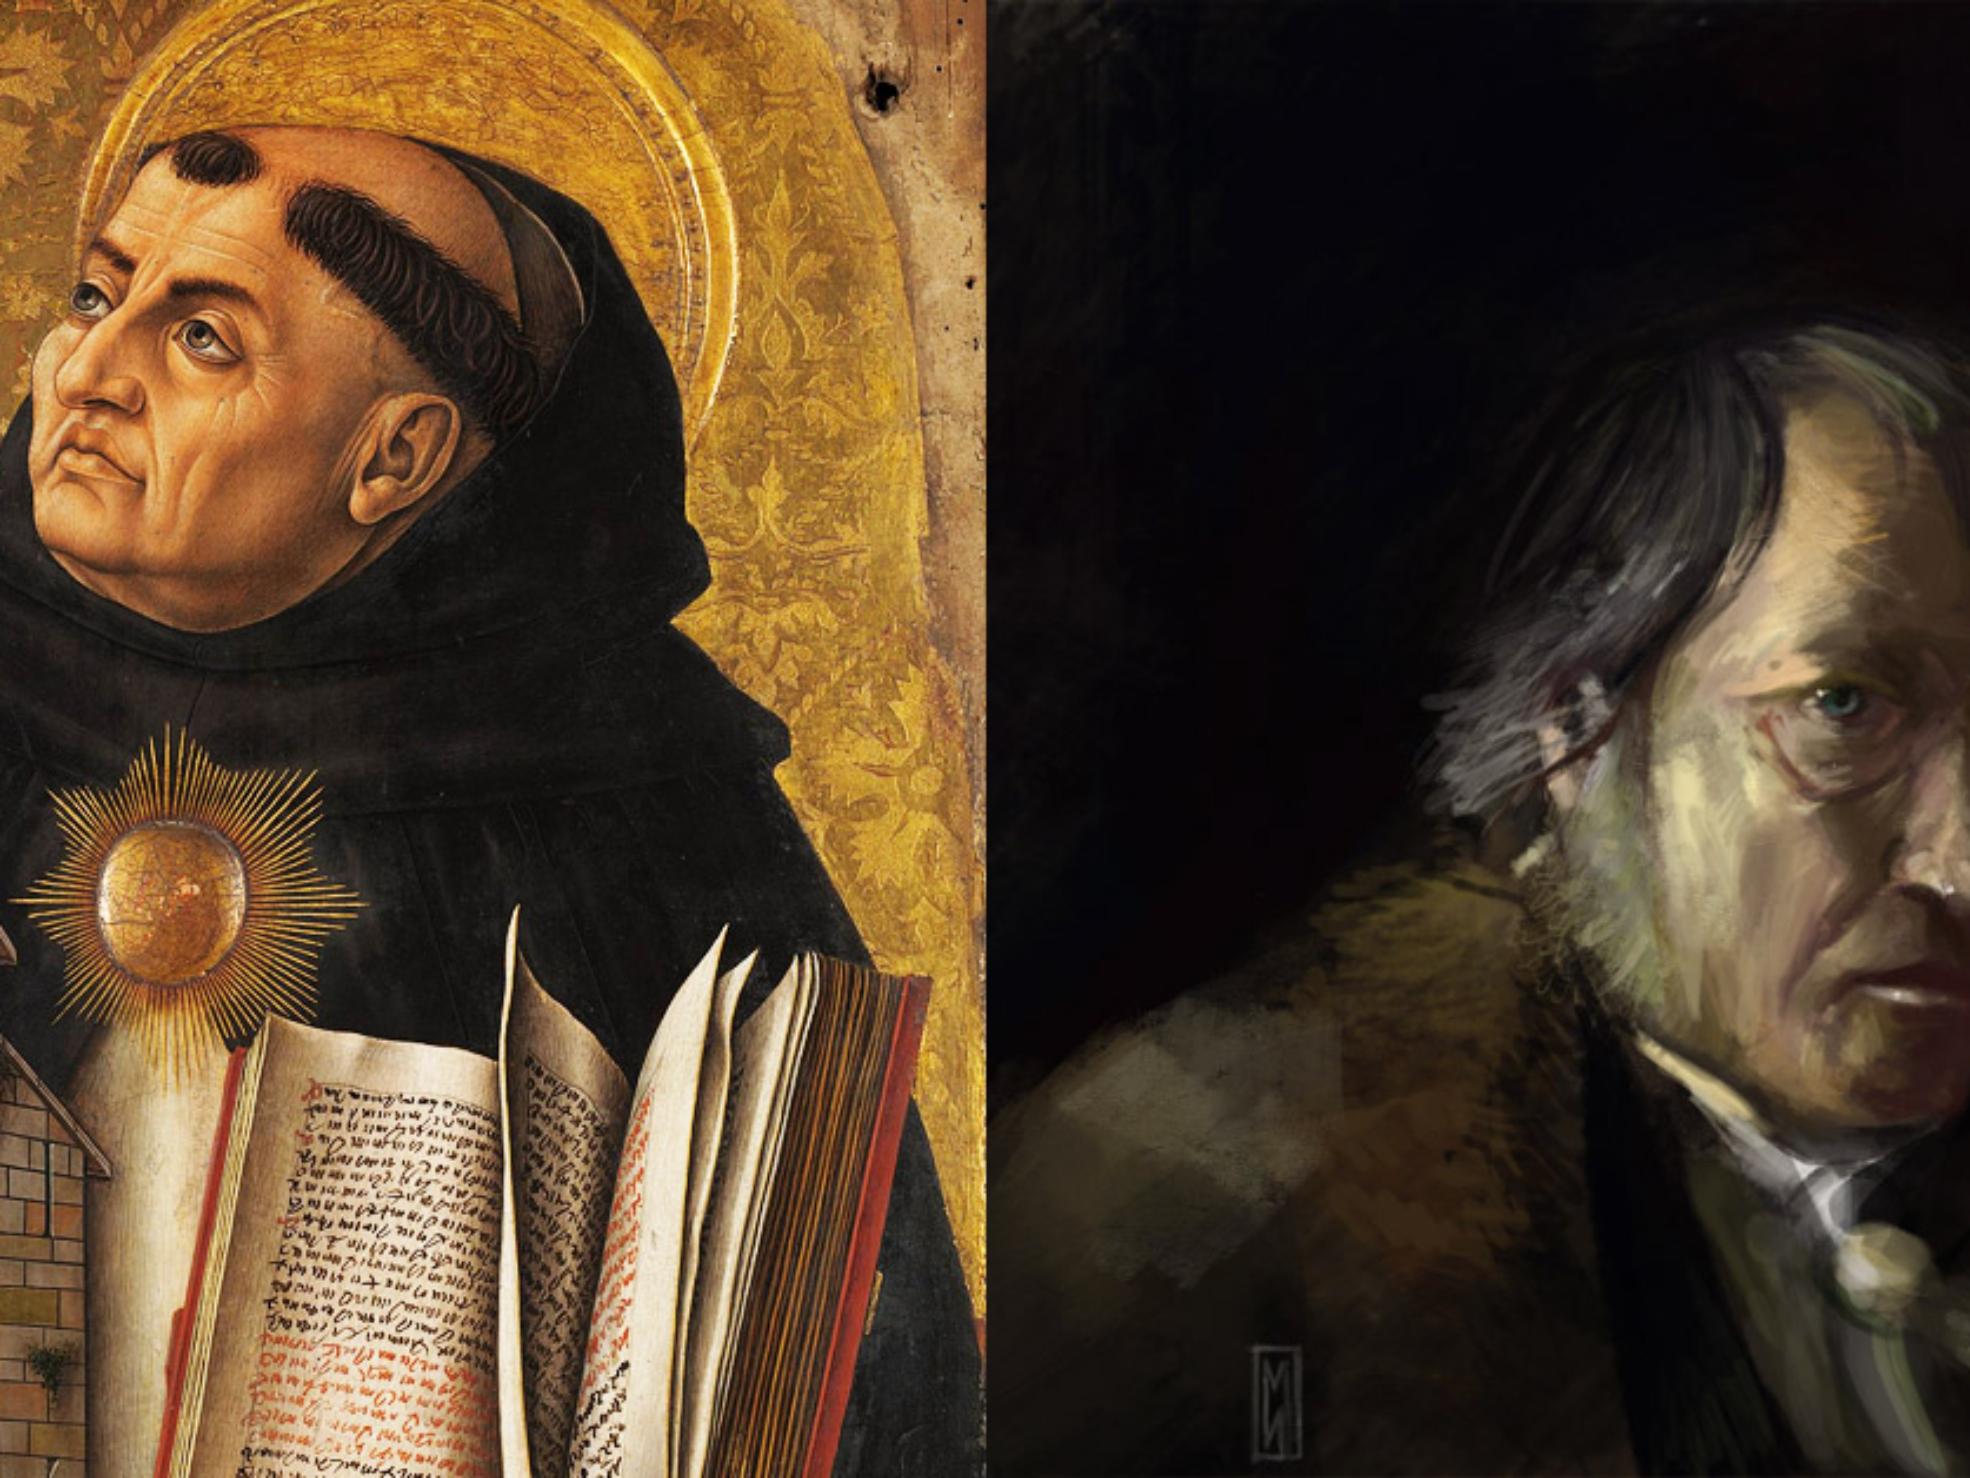 Santo Tomas vs Hegel